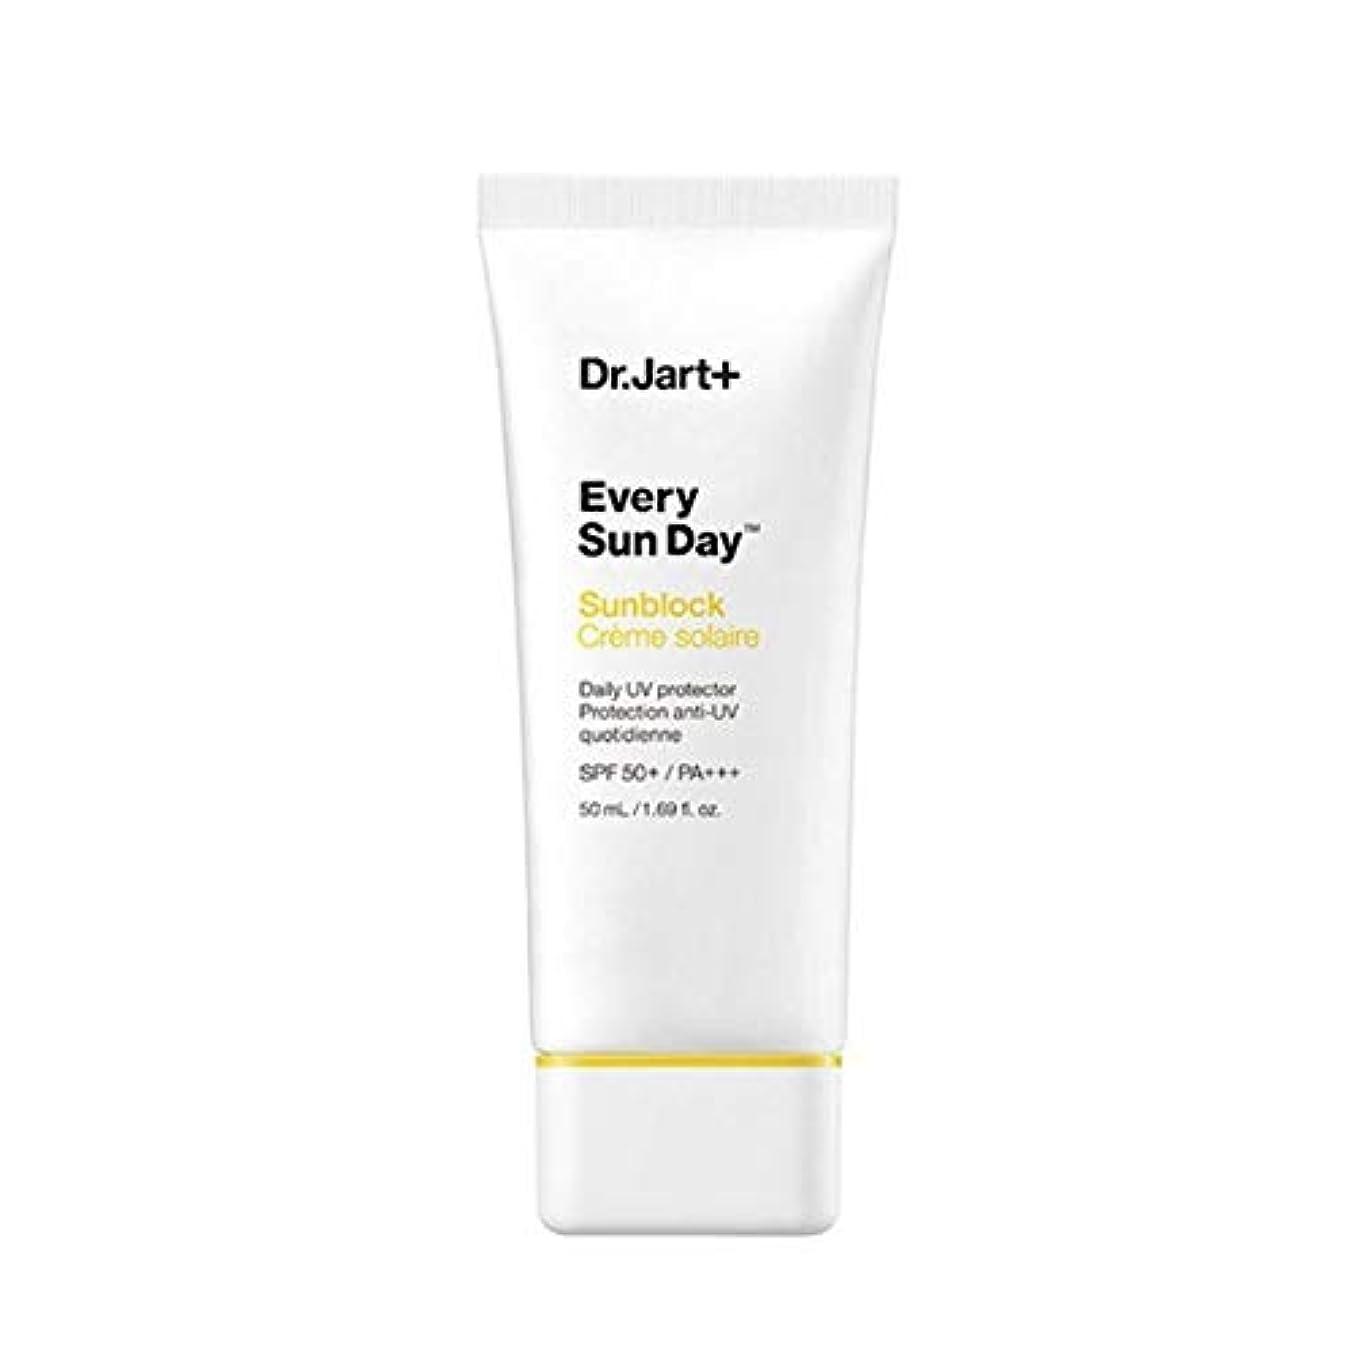 虫付添人大きなスケールで見るとドクタージャルトゥエブリサンデーサンブロック50mlサンクリーム韓国コスメ、Dr.Jart Every Sun Day Sun Block 50ml Sun Cream Korean Cosmetics [並行輸入品]